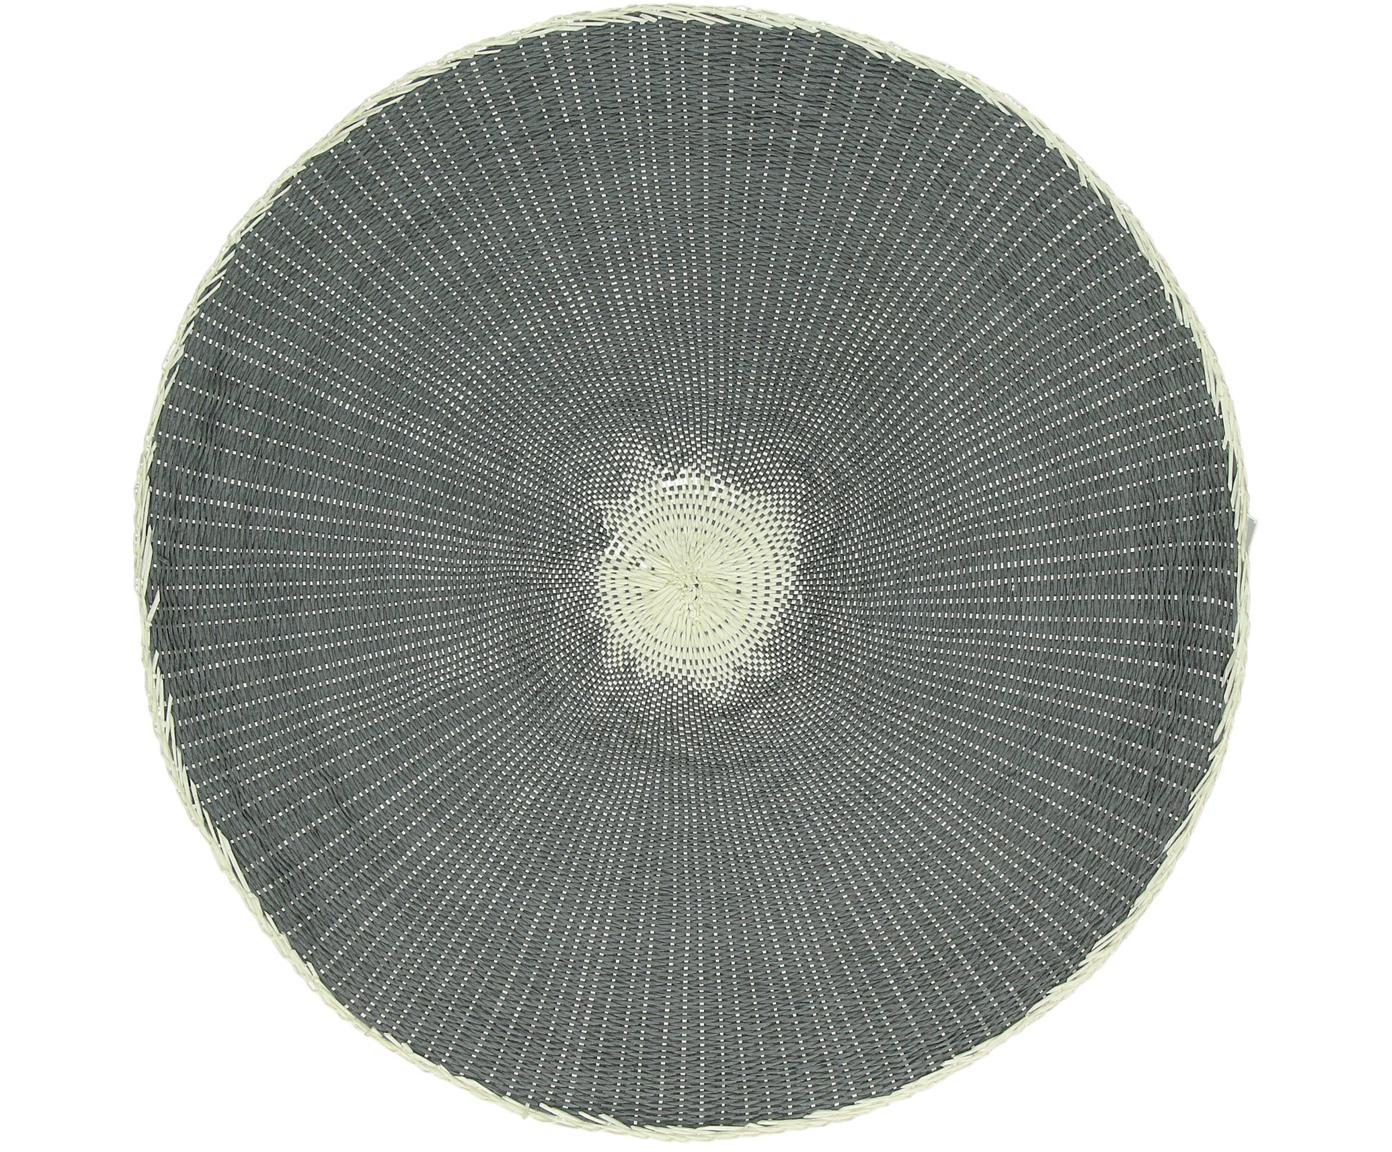 Okrągła podkładka Eclat, 2 szt., Włókna papierowe, Szary, kremowy, Ø 38 cm